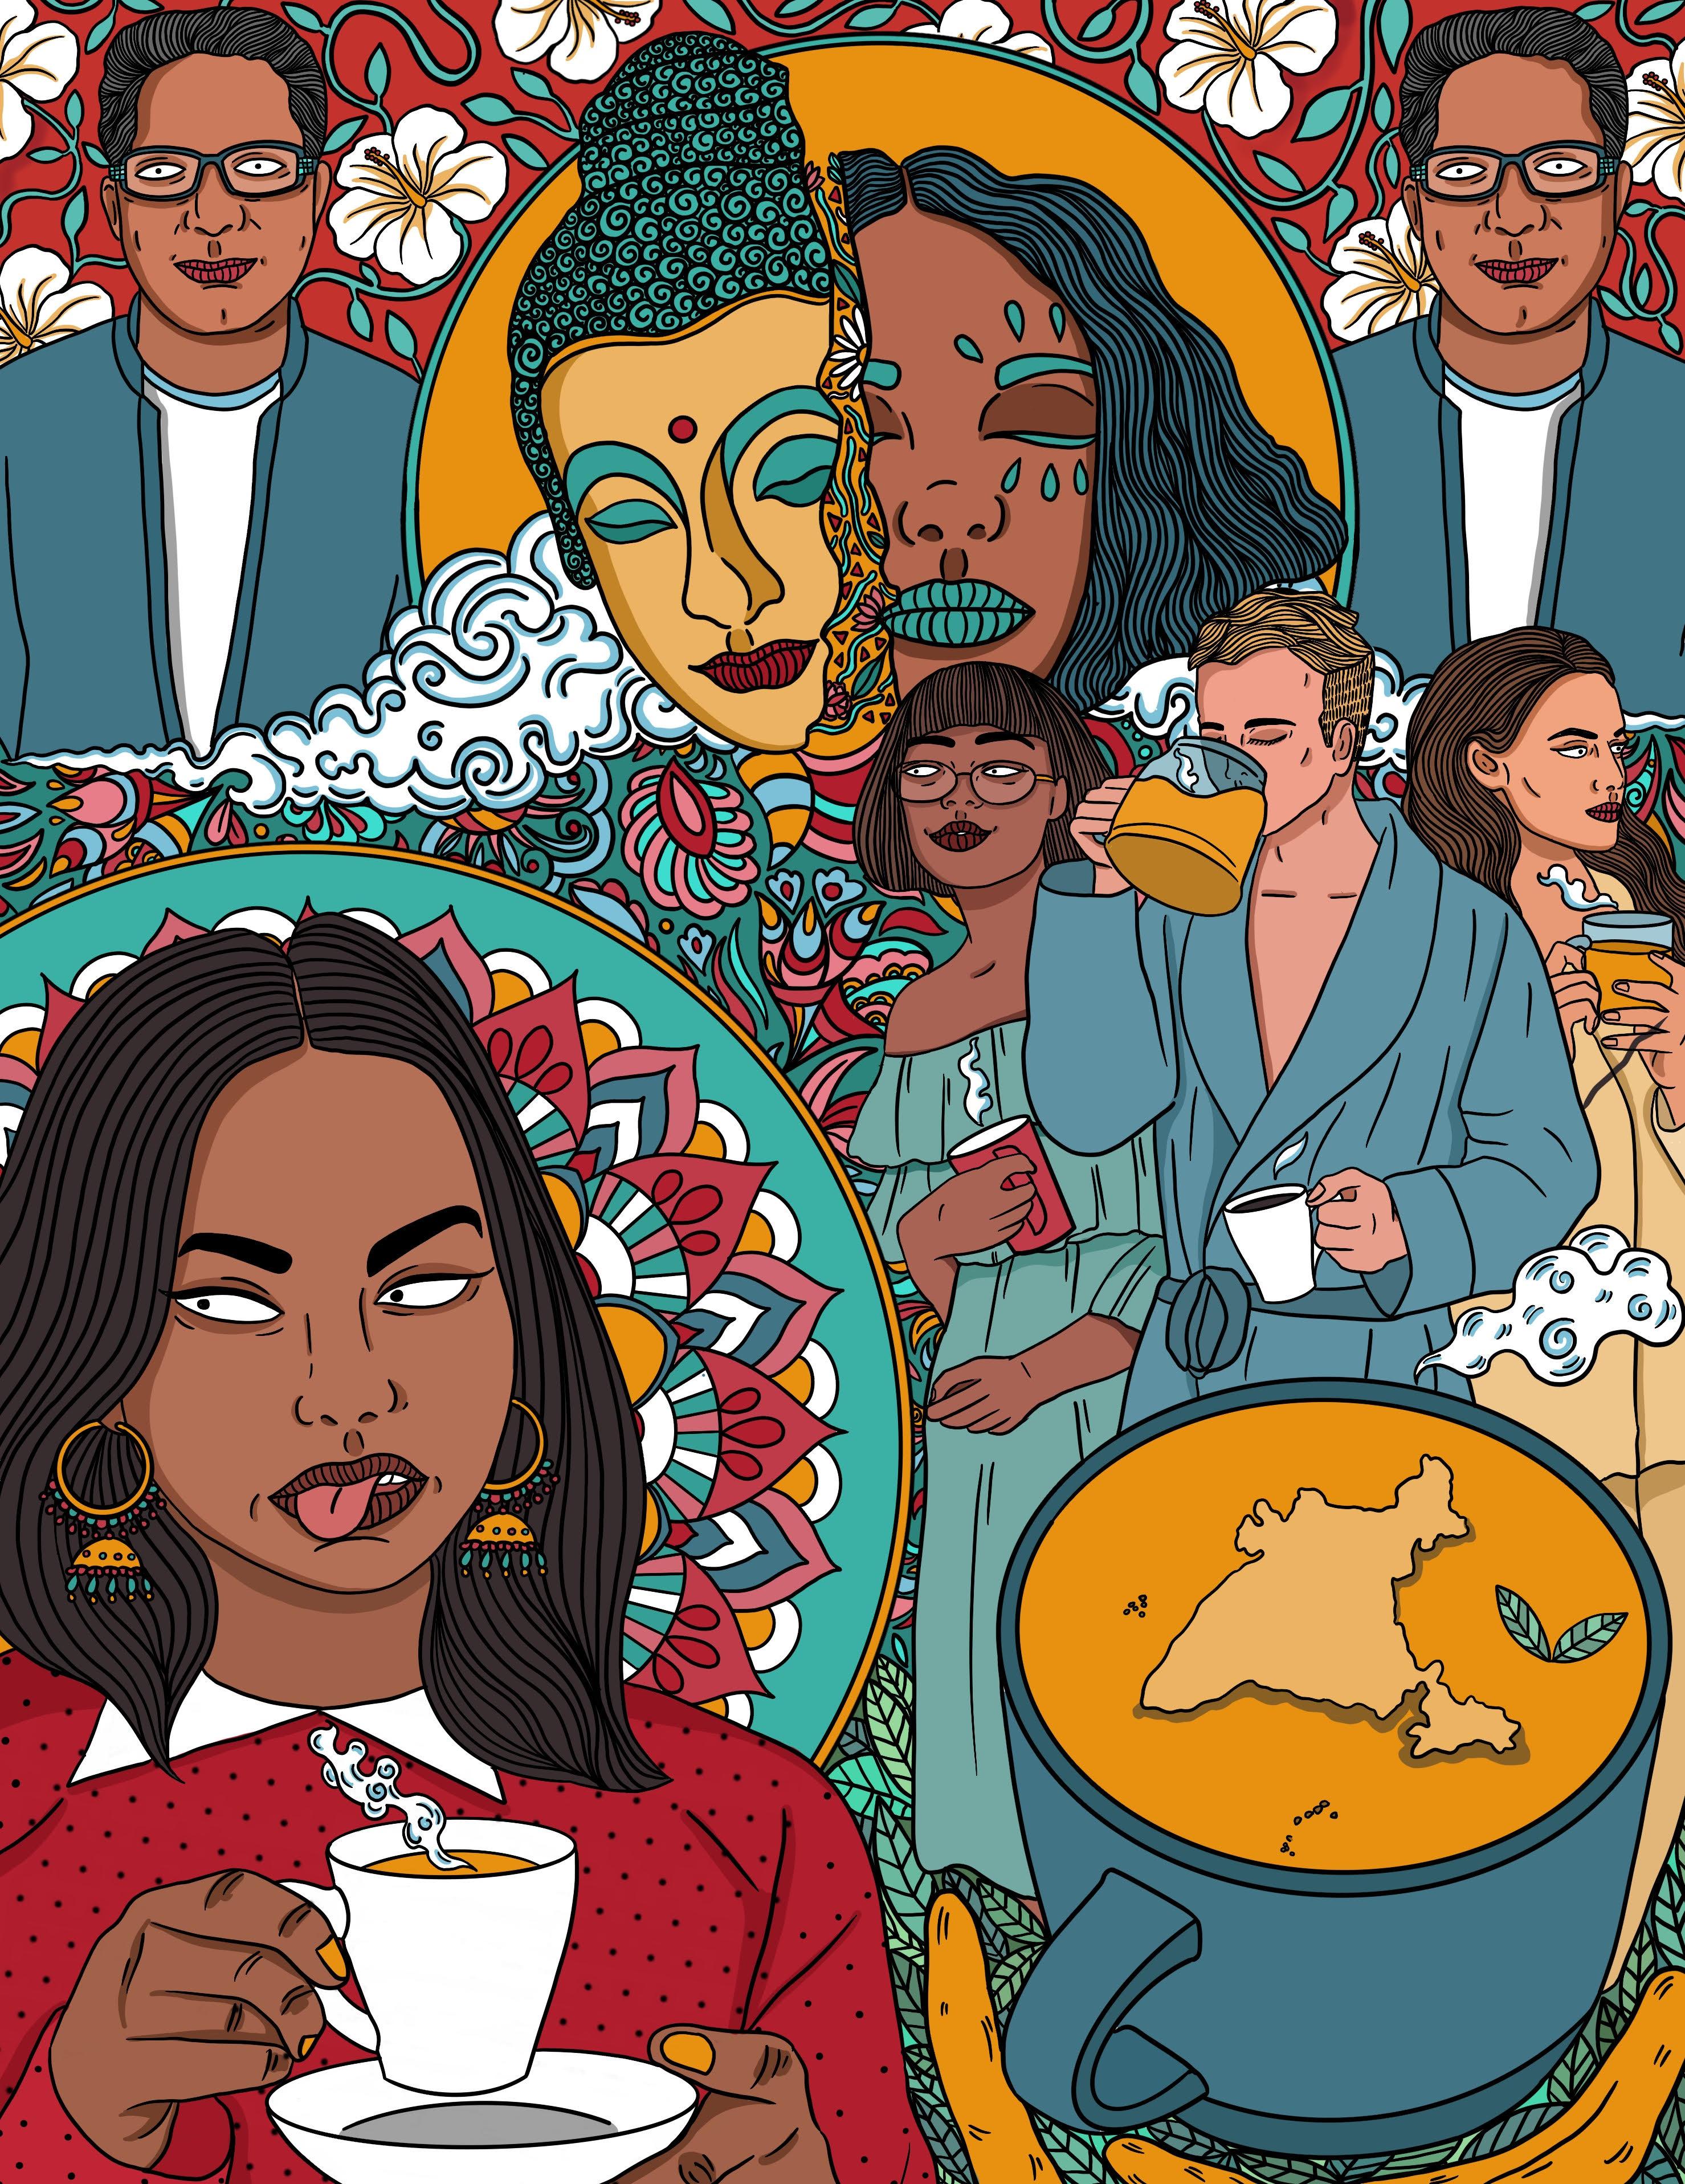 illustration of wellness motifs like turmeric lattes, Guatama Buddha, Deepak Chopra, among images of brown and white people